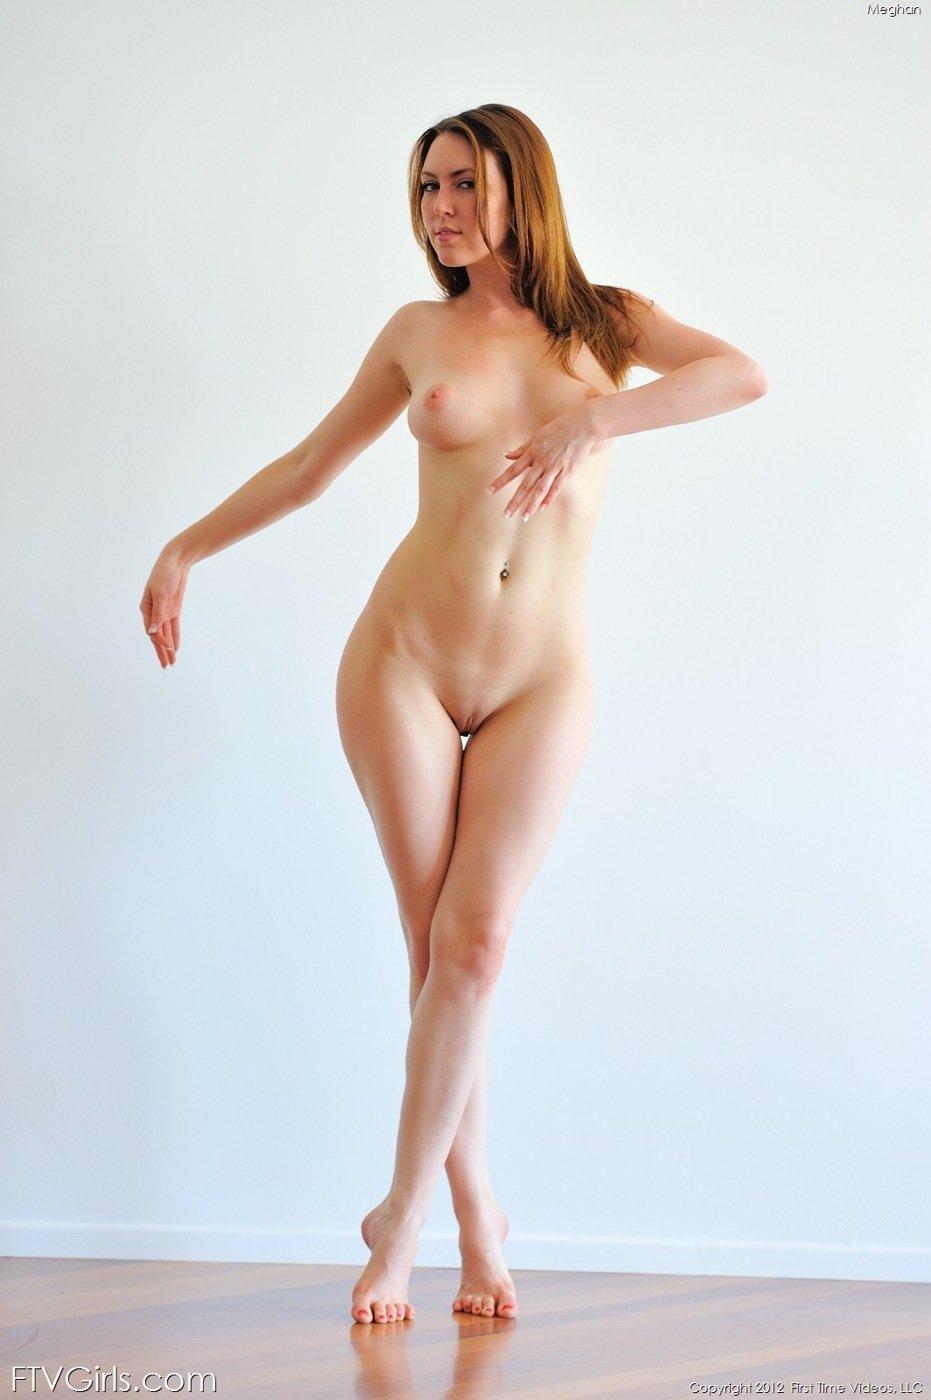 Рыжеволосая обнаженная тёлка с широкими бедрами смотреть эротику